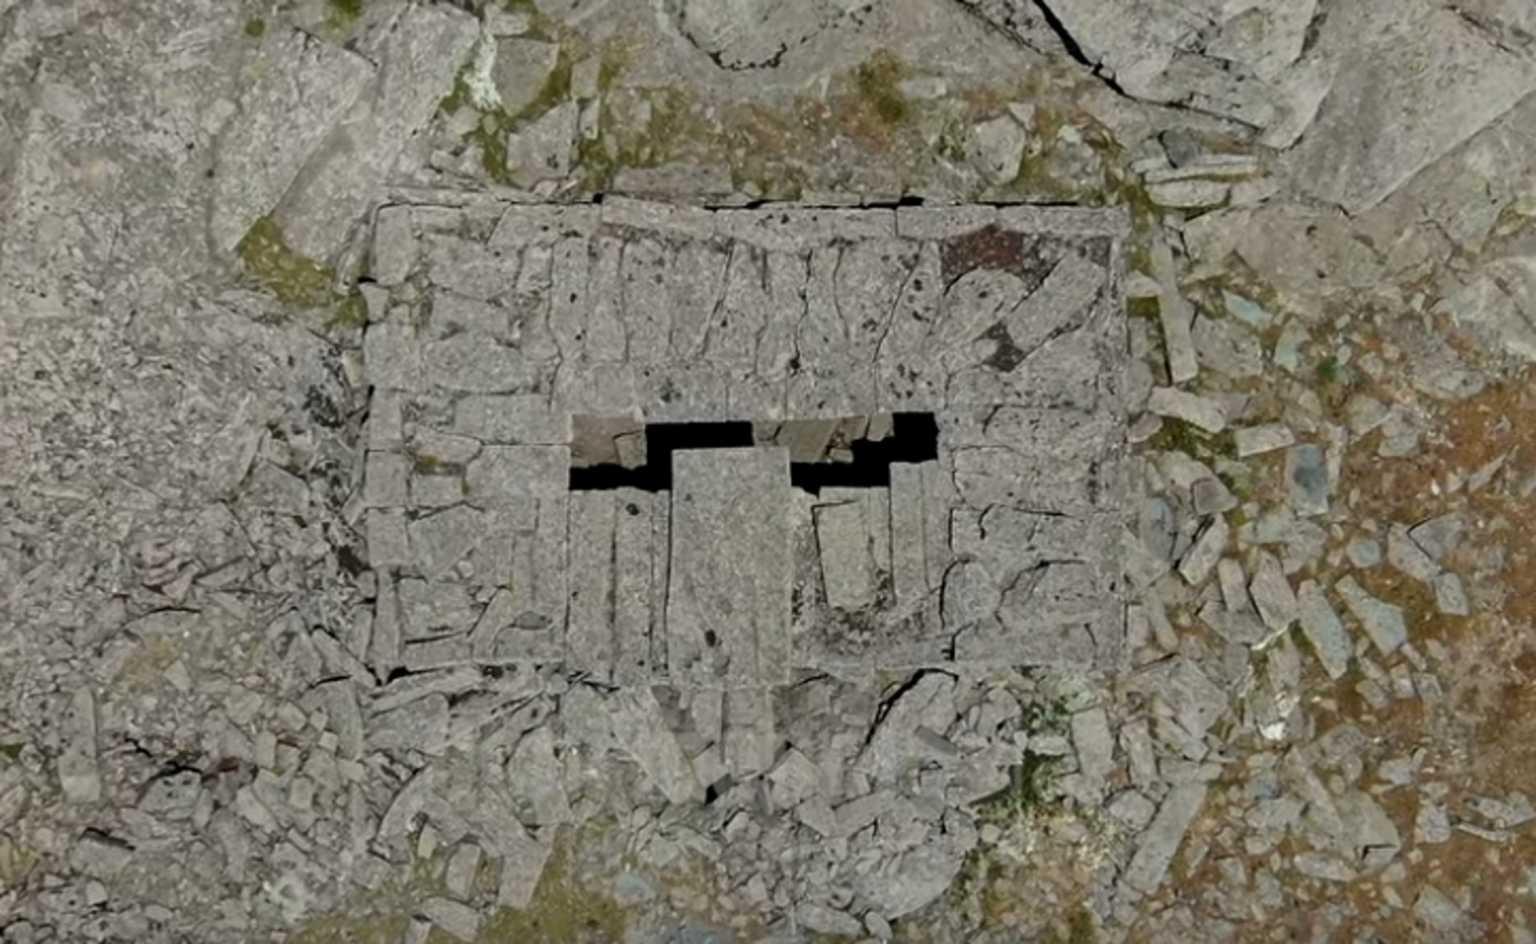 """Εύβοια: Το ελληνικό """"σπίτι του δράκου"""" στα 1.365 μέτρα! Ταξίδι στο χρόνο με εικόνες που καθηλώνουν (Βίντεο)"""